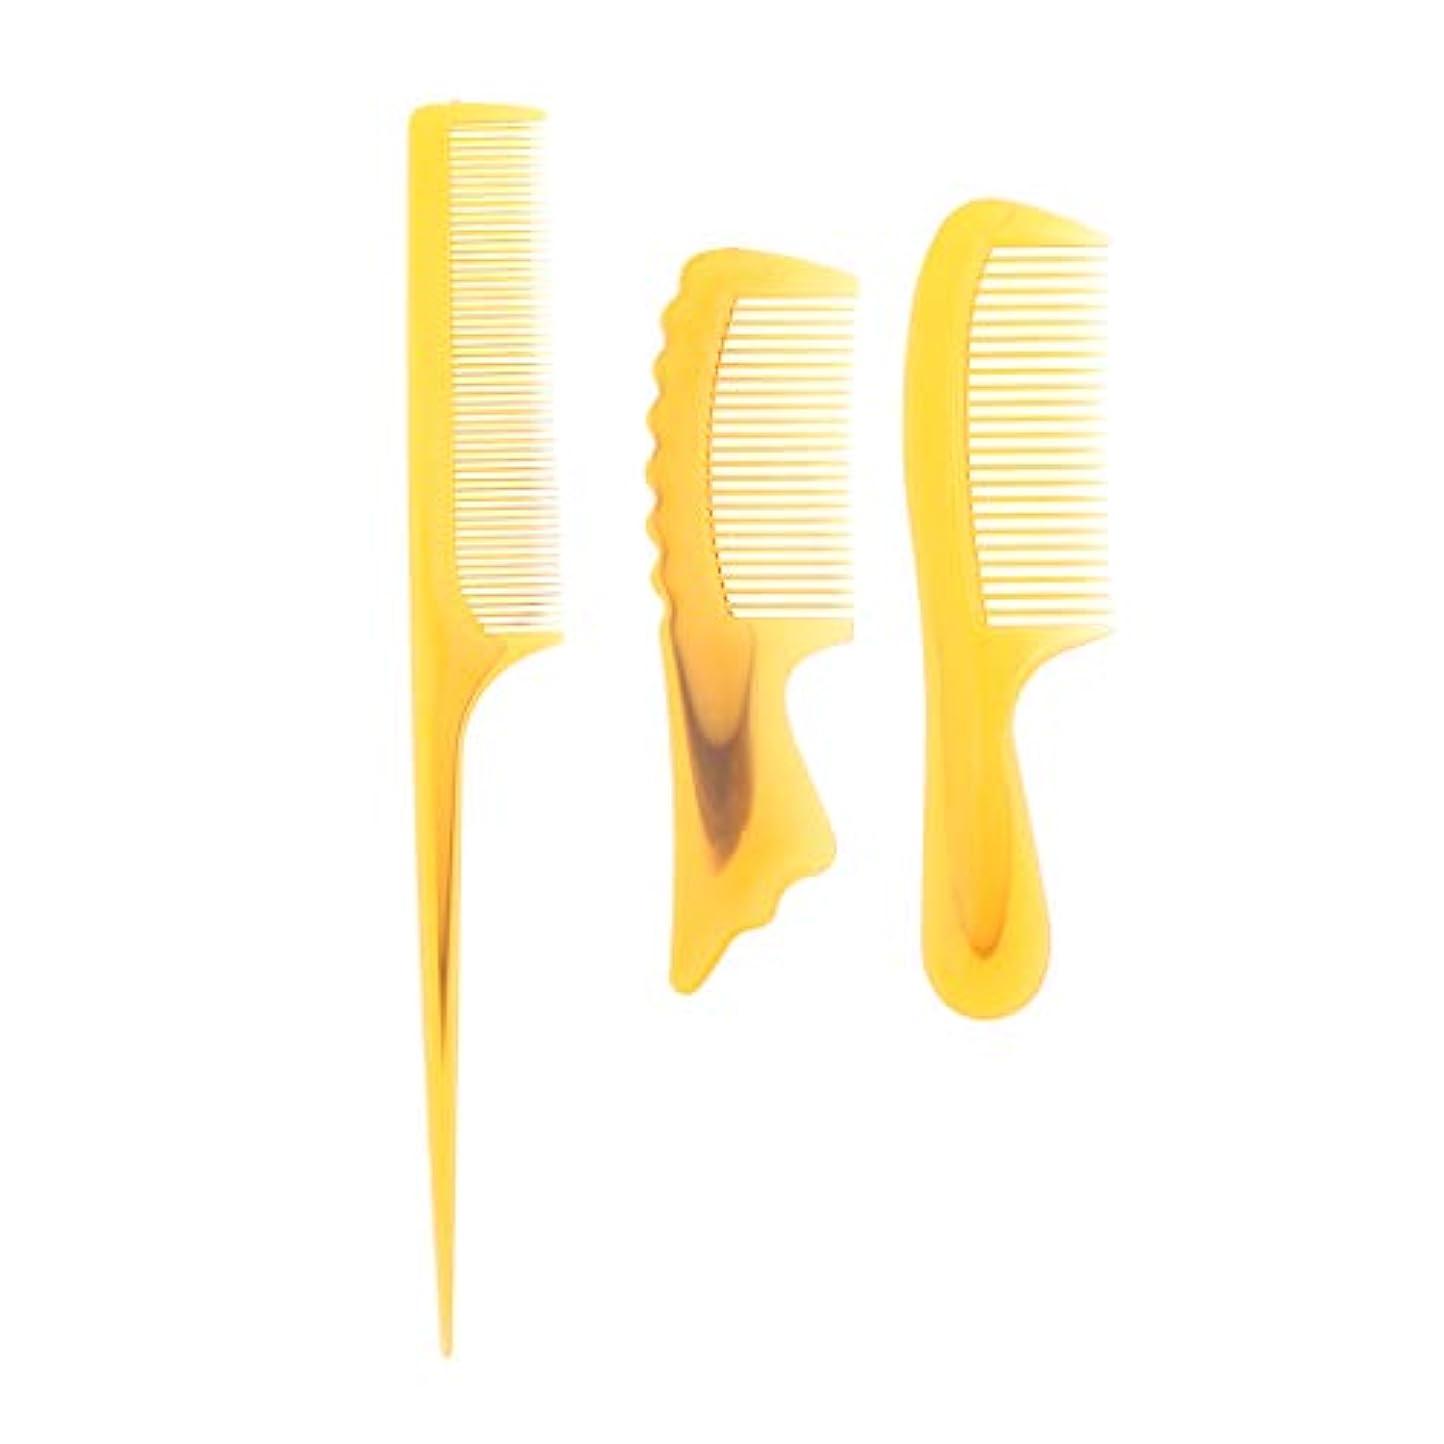 距離できたメッセンジャーF Fityle 3個 髪の櫛 静電防止櫛 ヘアブラシ ヘアコーム コーム